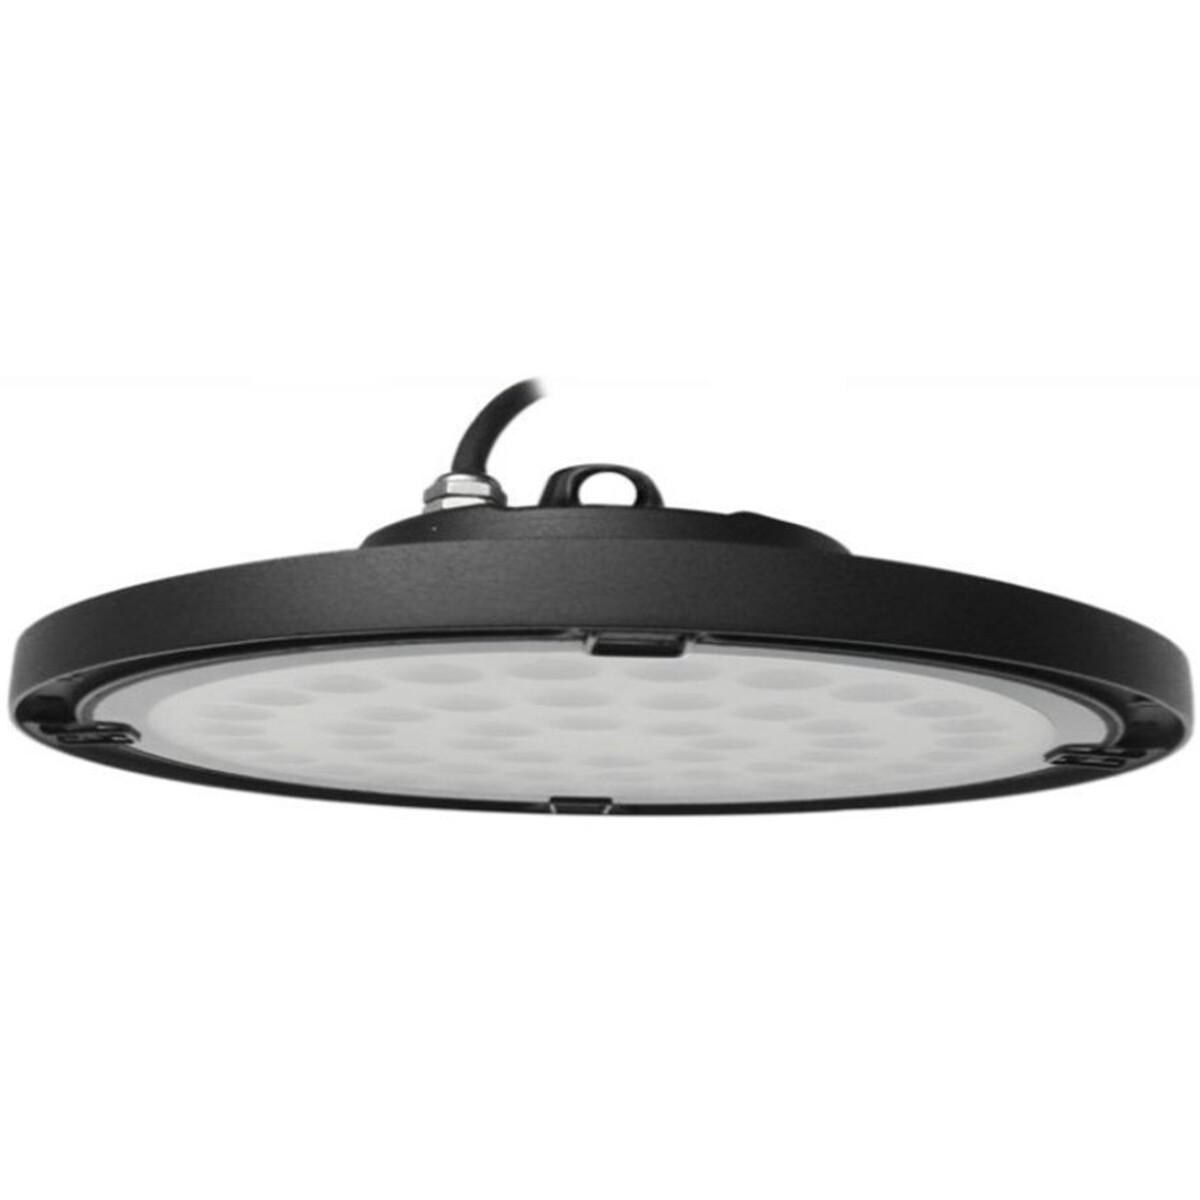 OSRAM - LED UFO High Bay 200W - Magazijnverlichting - Waterdicht IP65 - Helder/Koud Wit 6000K - Alum